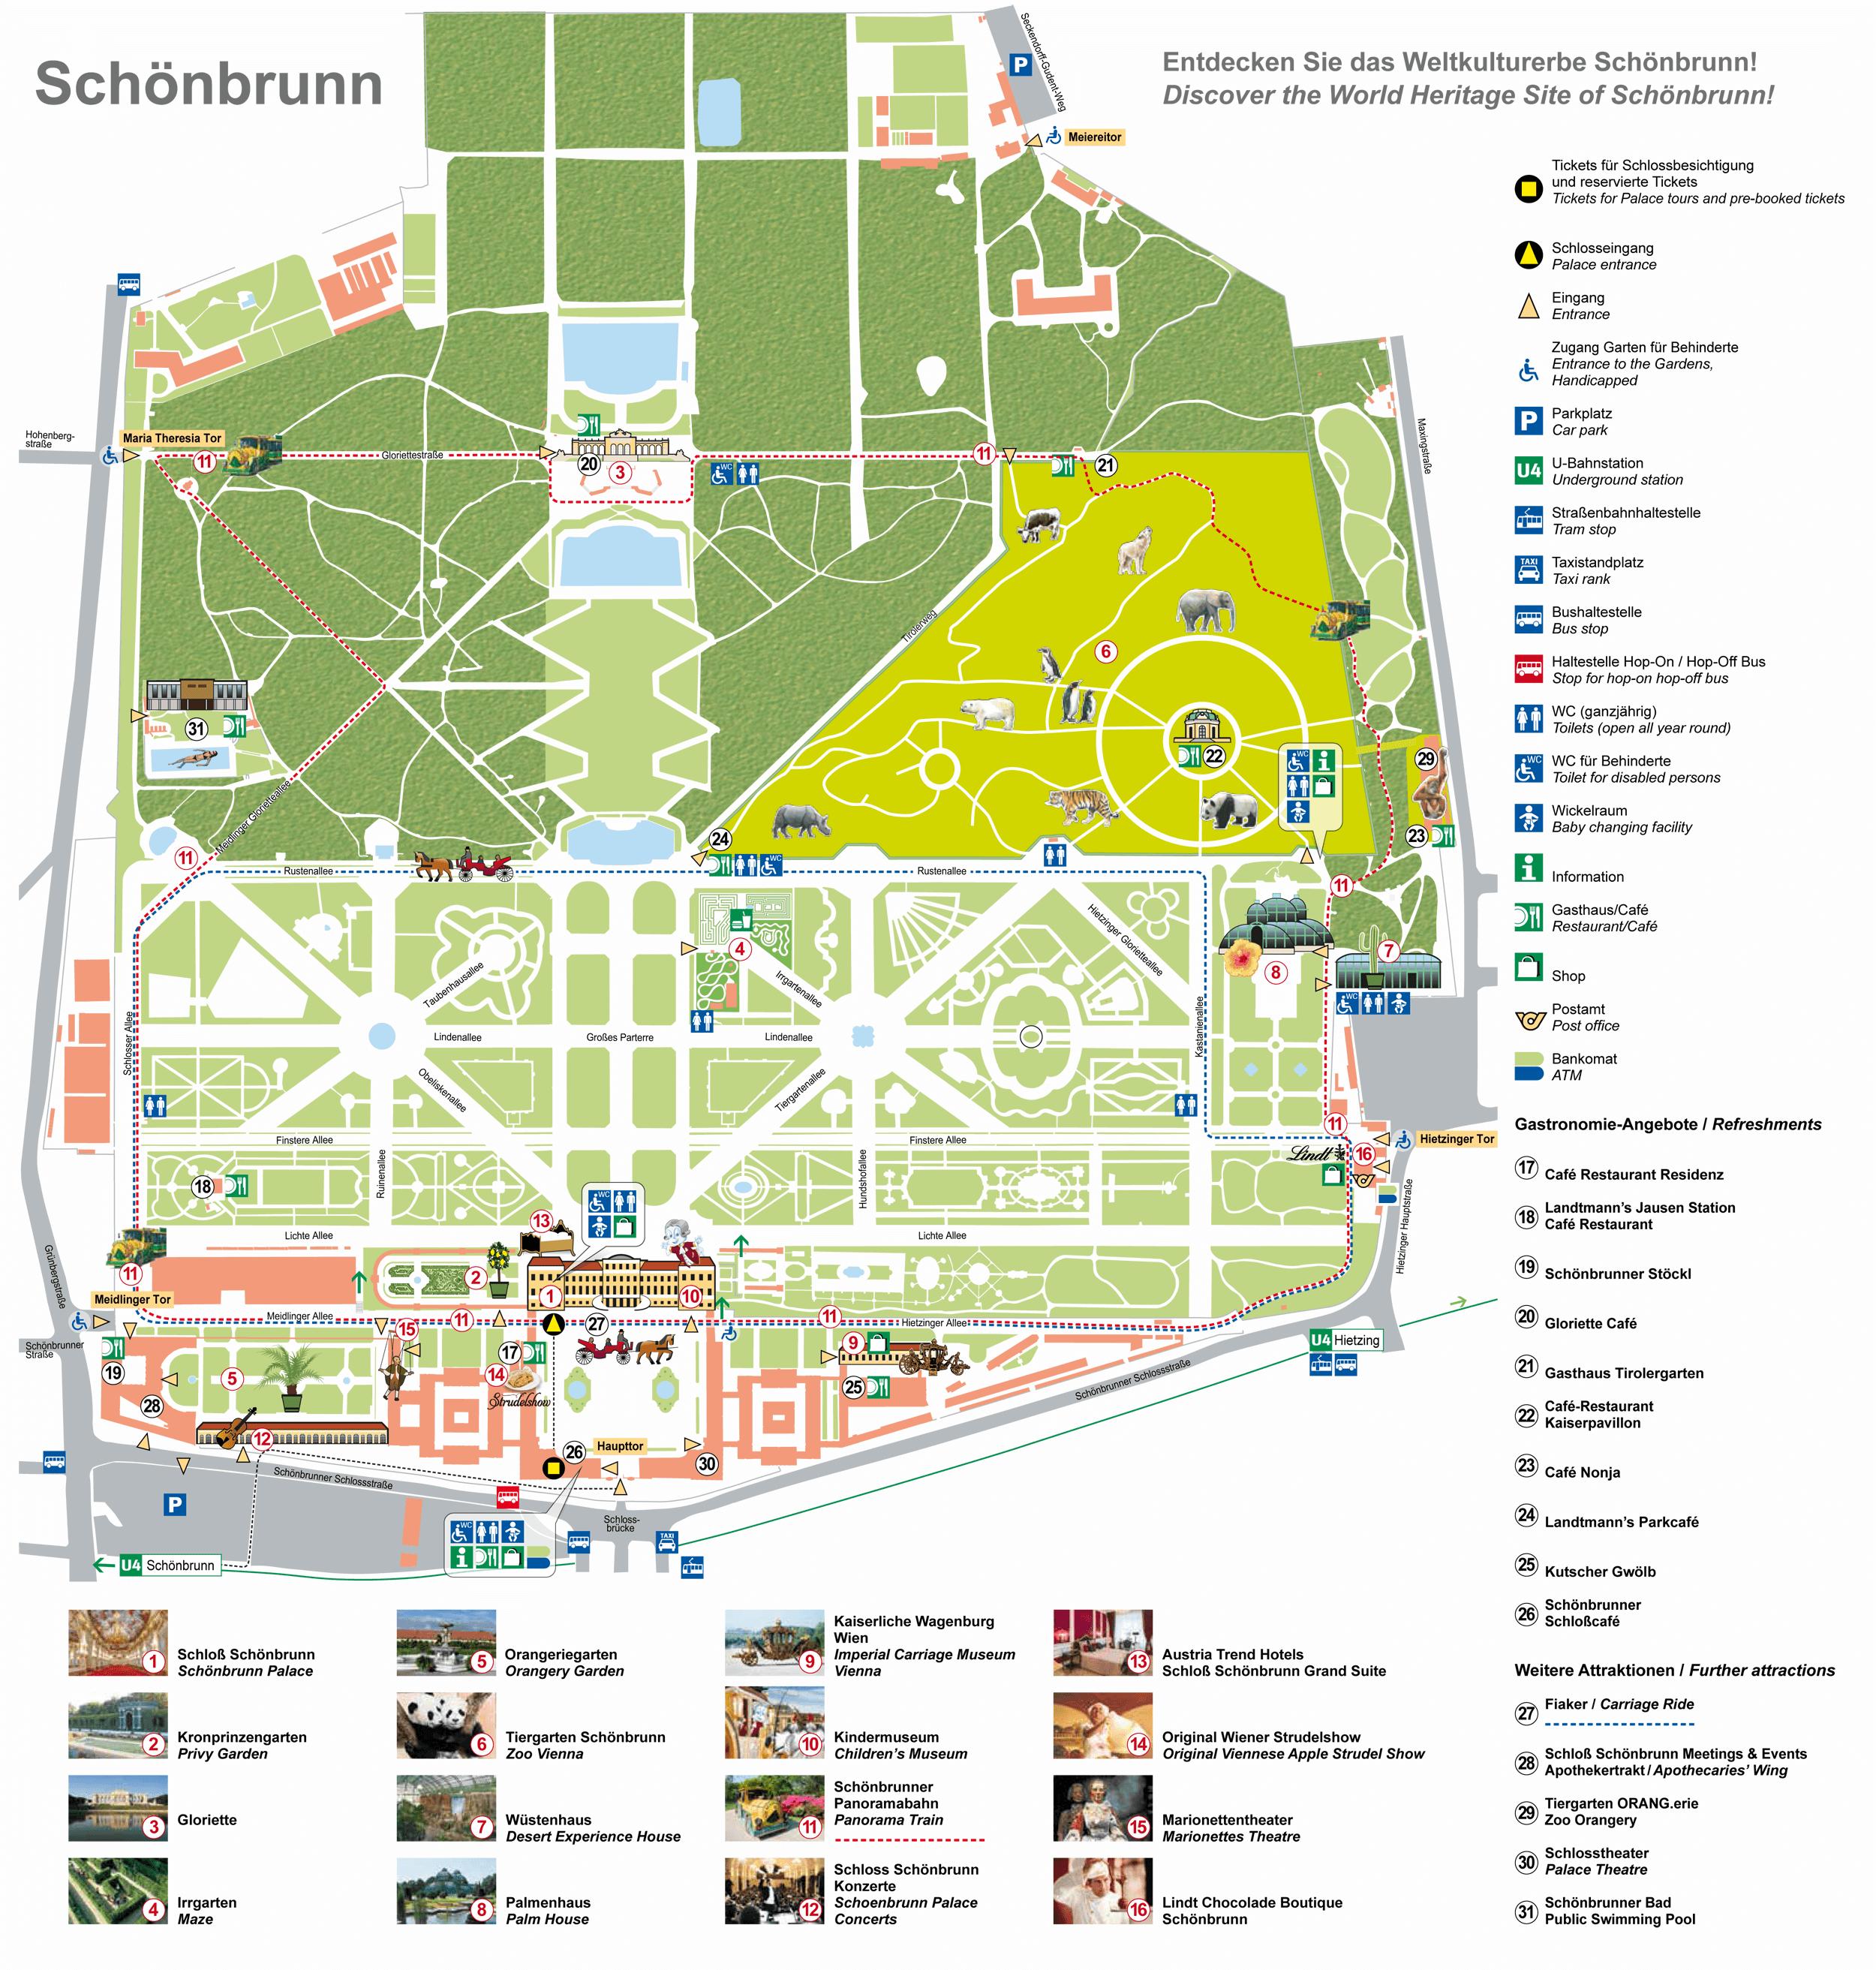 План Шенбрунна